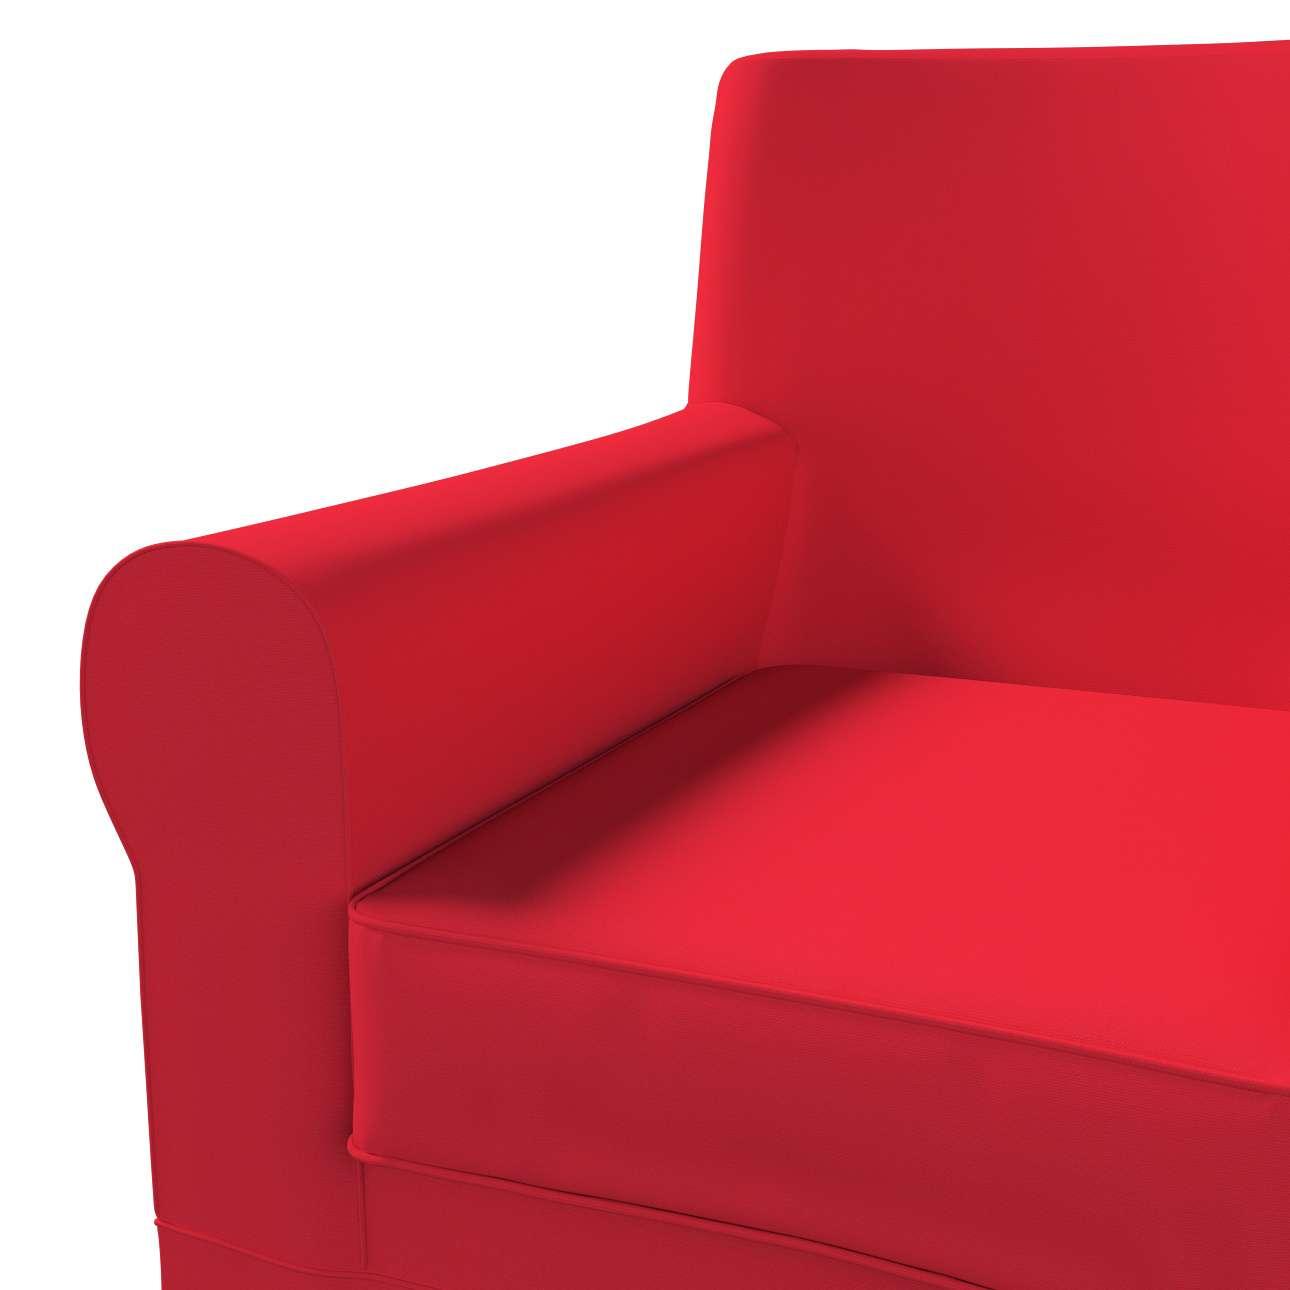 Pokrowiec na fotel Ektorp Jennylund w kolekcji Cotton Panama, tkanina: 702-04